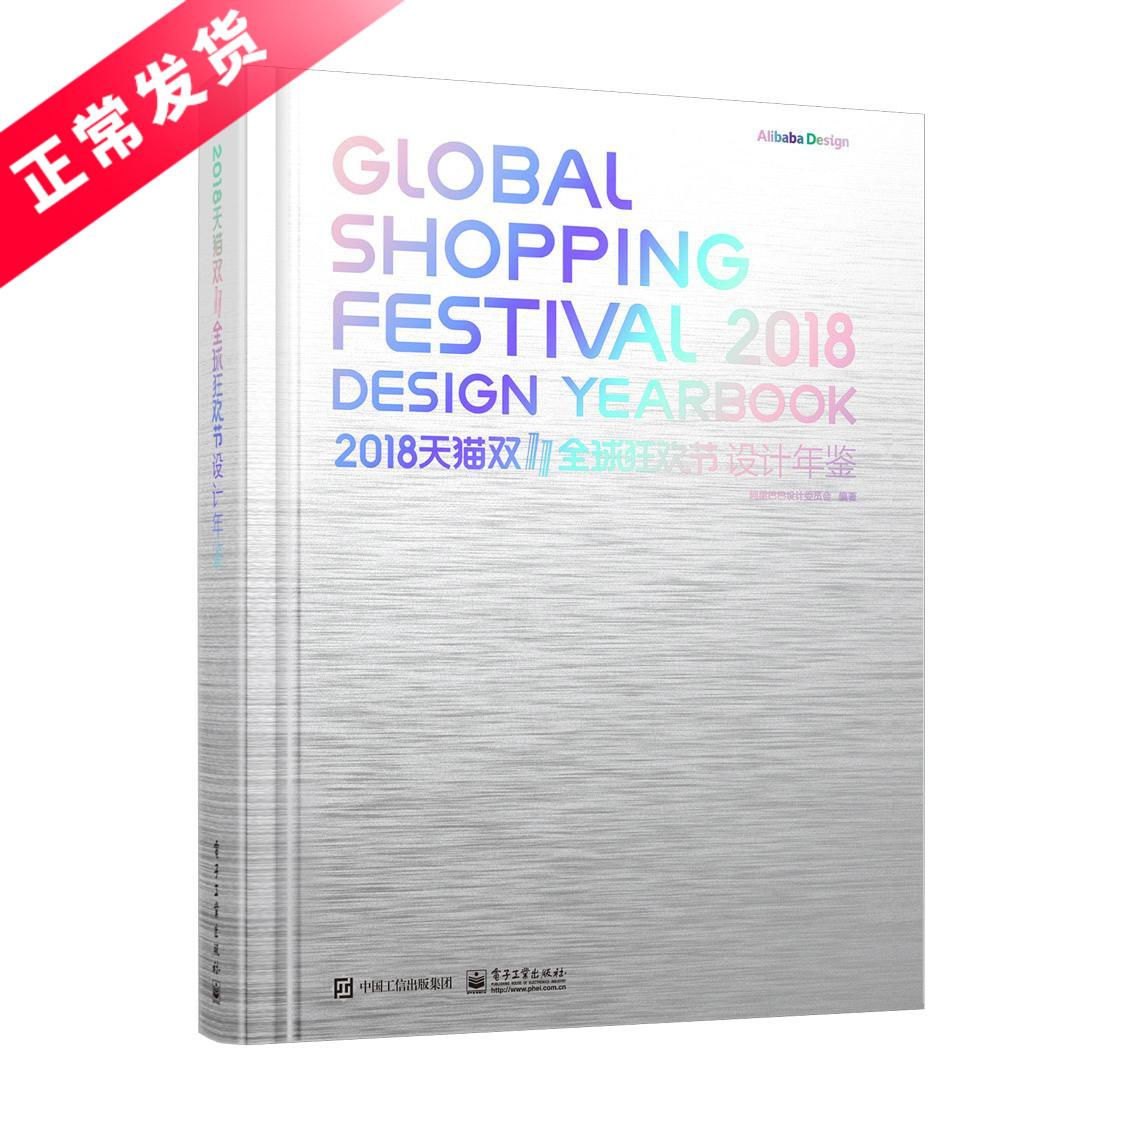 2018天猫双11全球狂欢节设计年鉴 全彩 阿里巴巴设计委员会 天猫统筹规划创意活动双十一设计电商活动案例设计趋势书